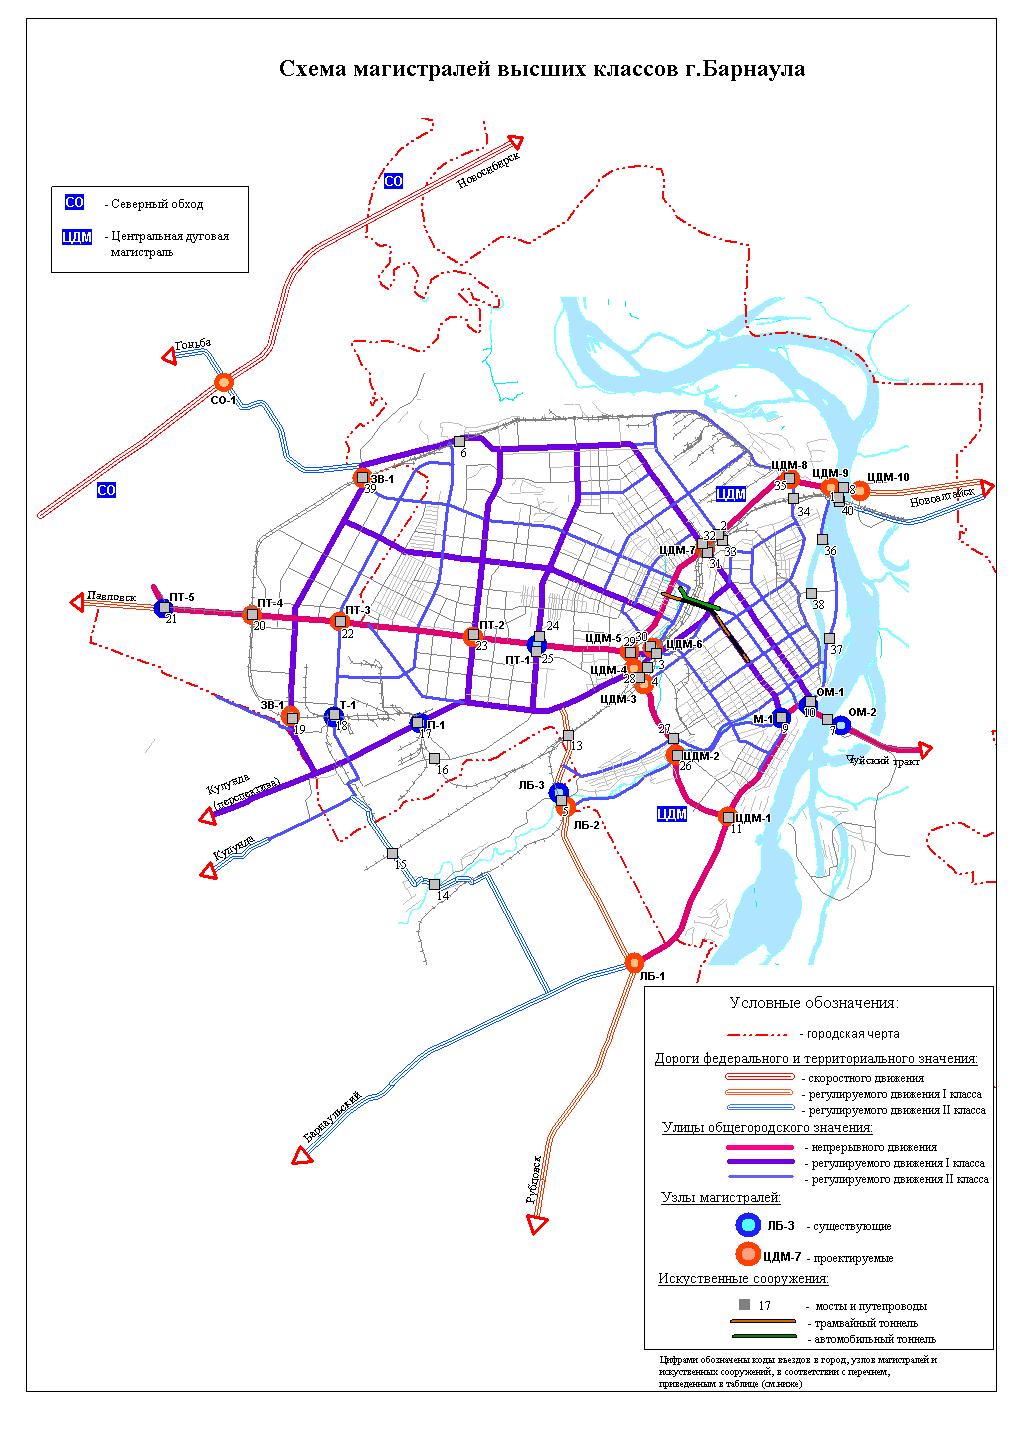 Схема развития барнаула